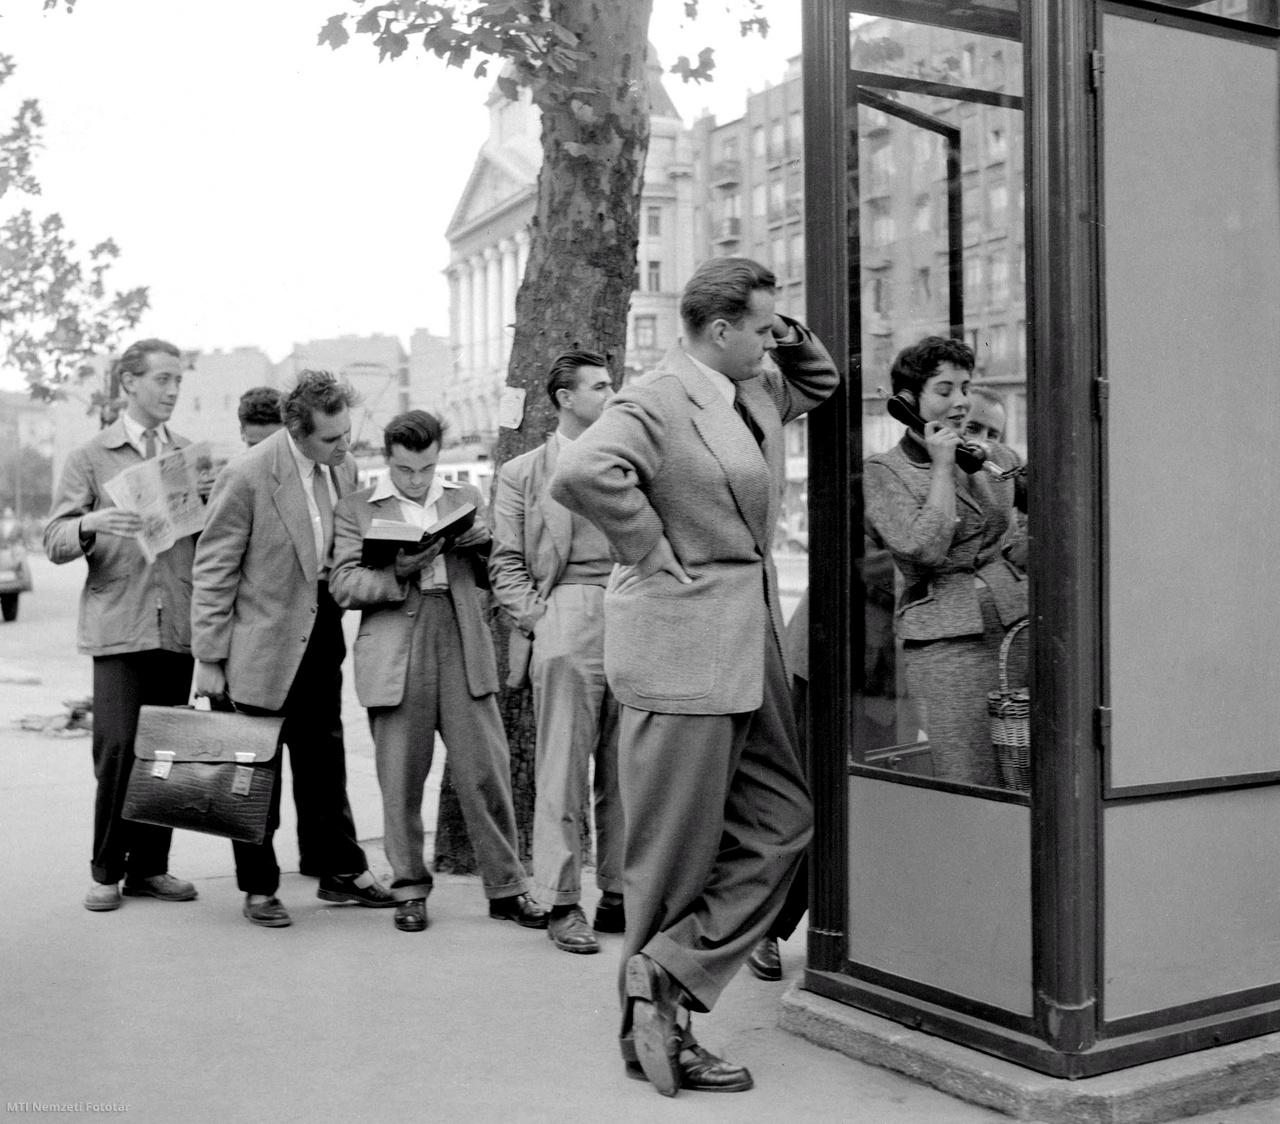 Férfiak várakoznak a Tanács körúton álló telefonfülke előtt 1957. szeptember 25-én